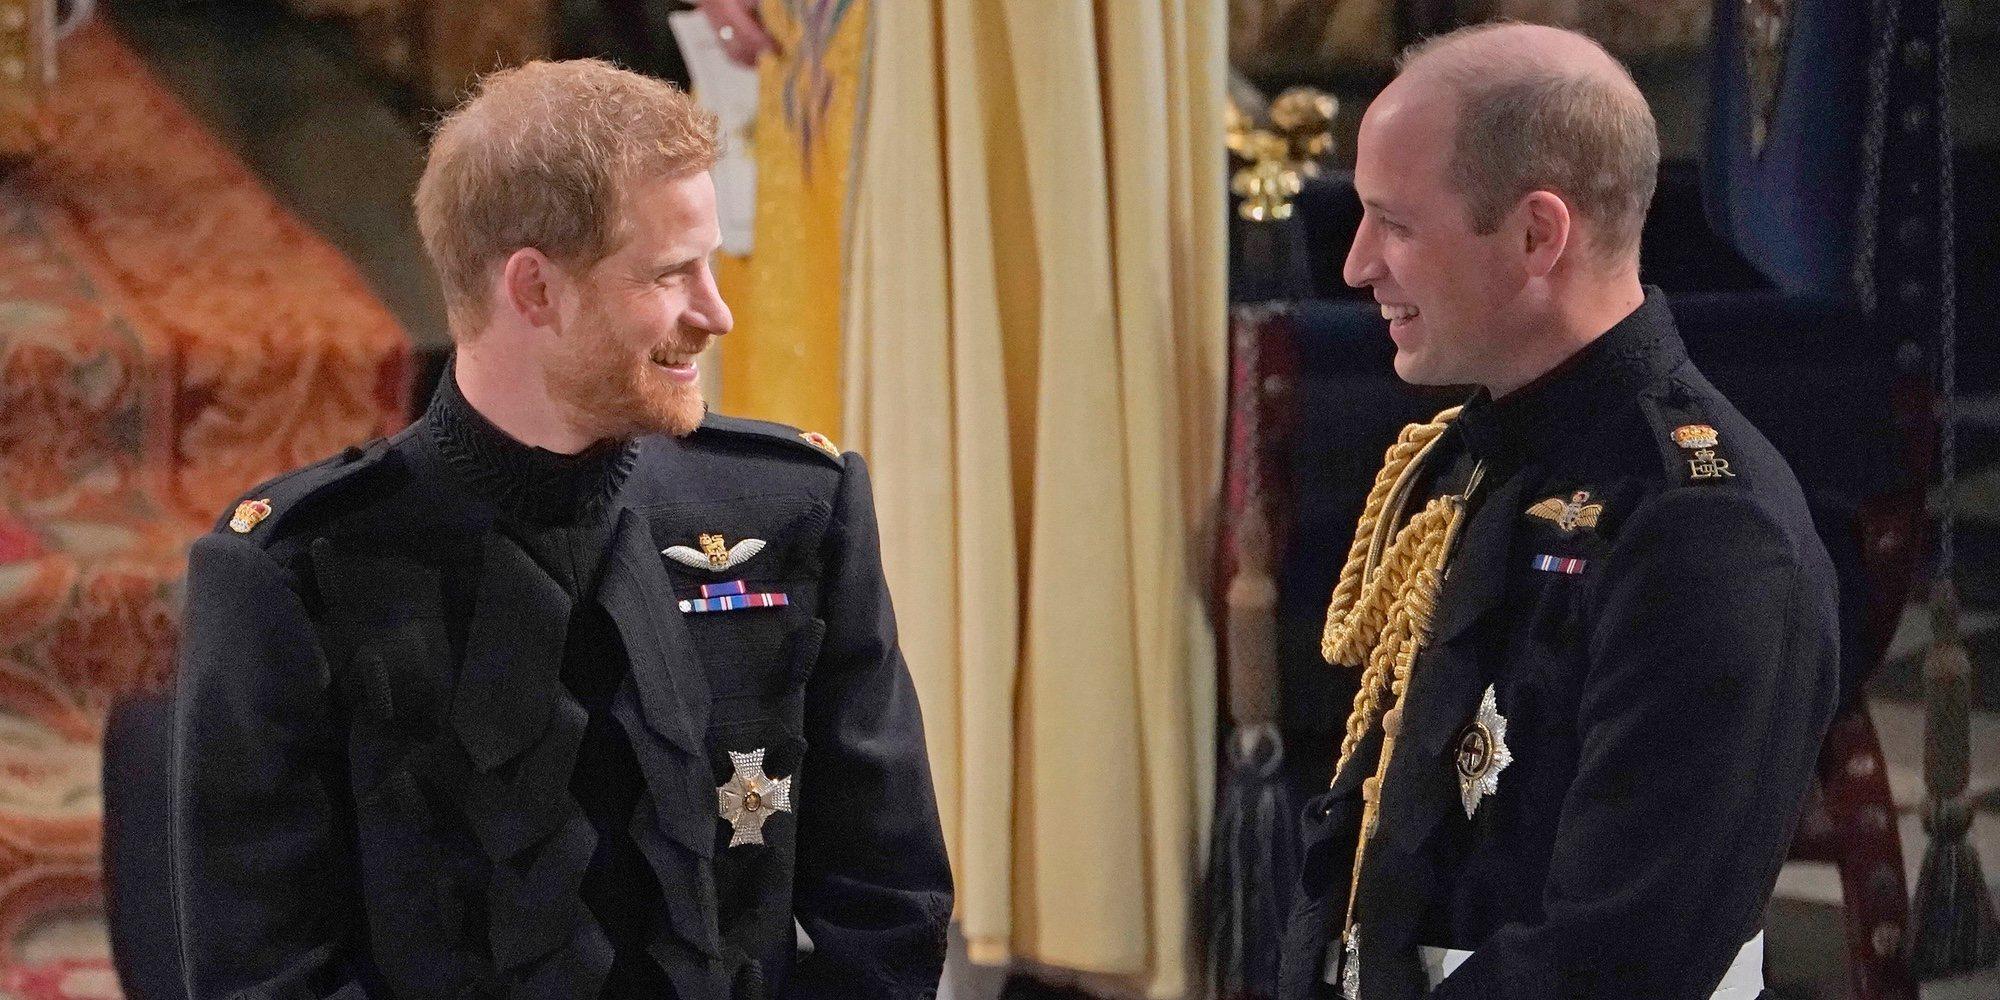 El Príncipe Guillermo y el Príncipe Harry dejan fuera a Kate Middleton y Meghan Markle en su camino a la reconciliación